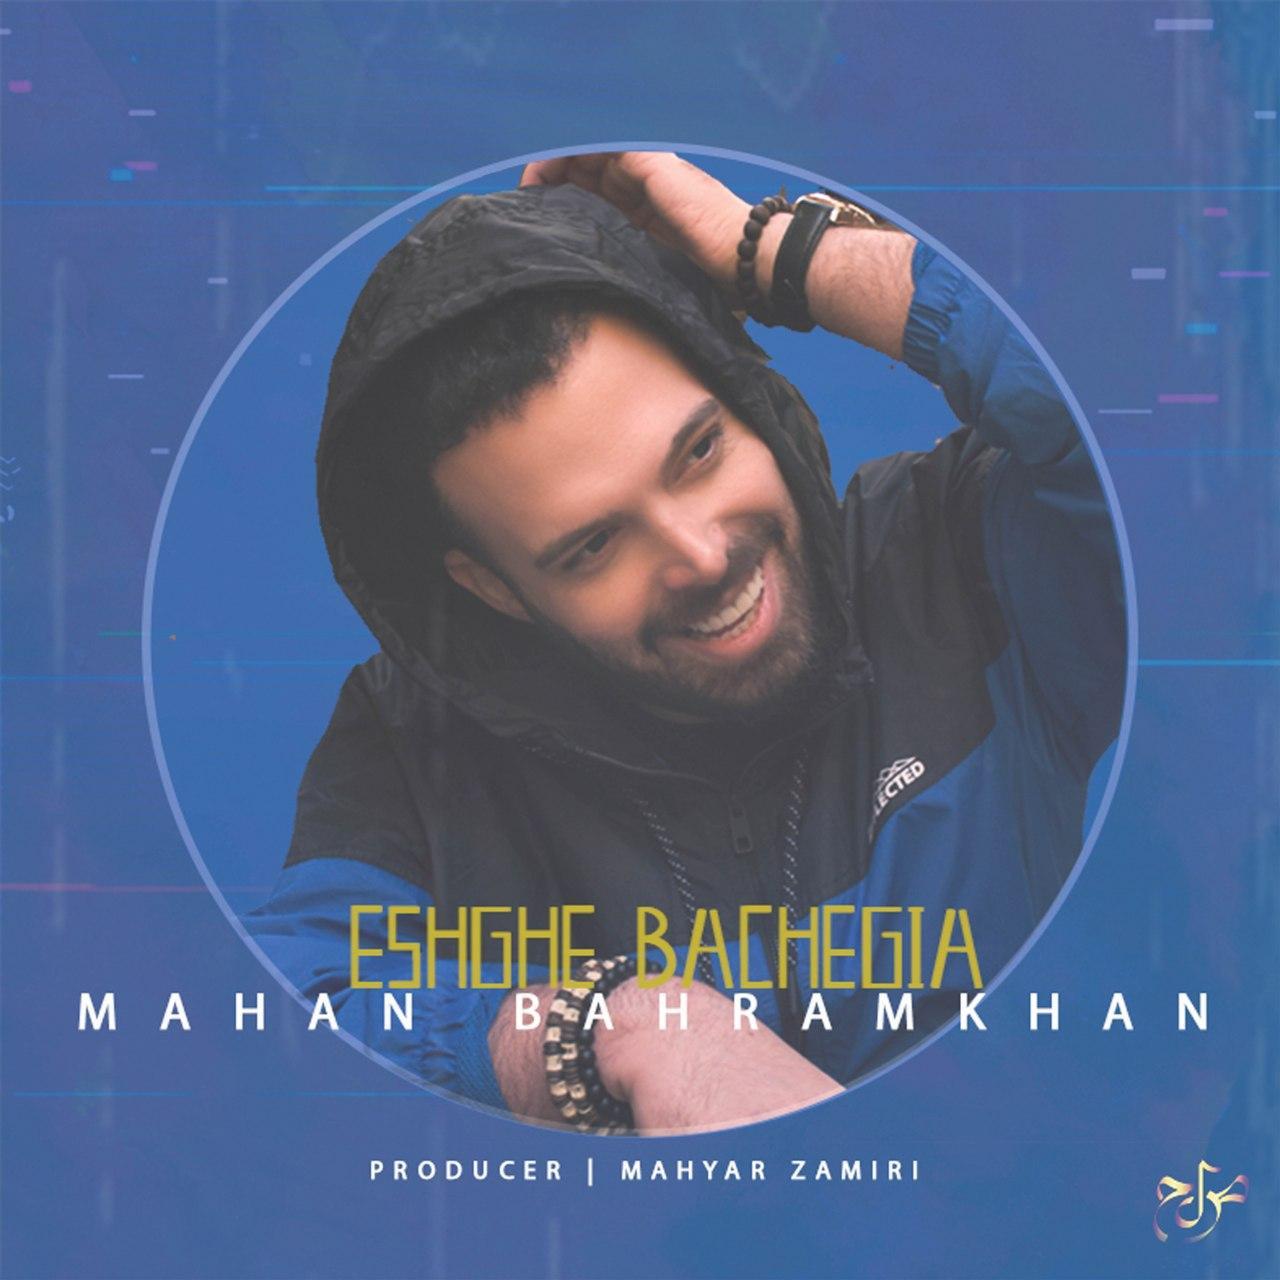 دانلود آهنگ جدید ماهان بهرام خان بهنام عشق بچگیا